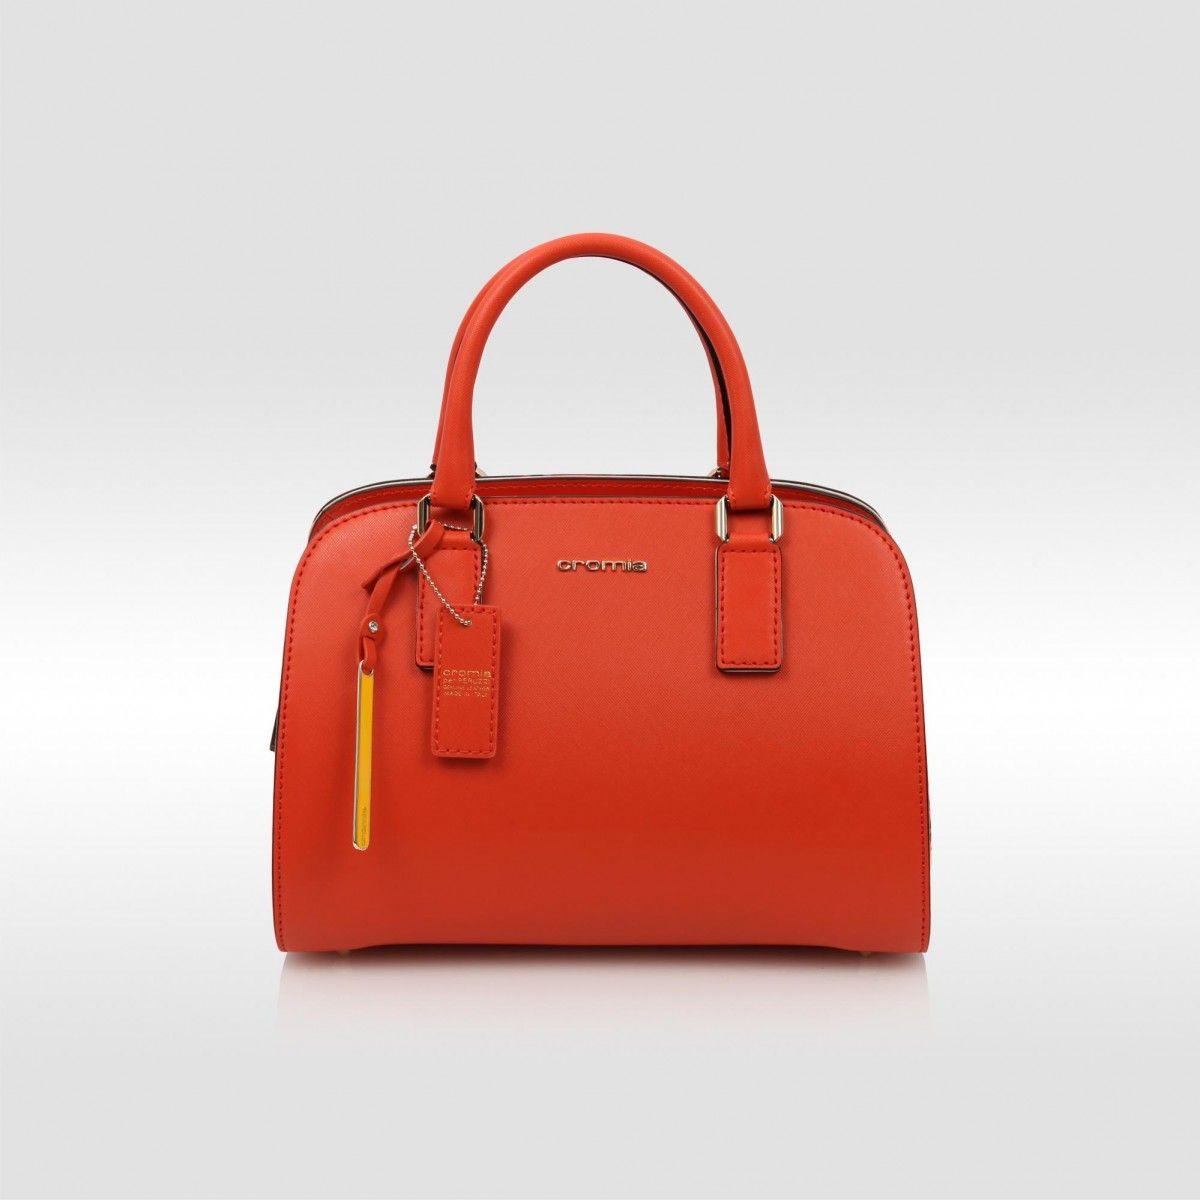 Cromia Orange Handbag